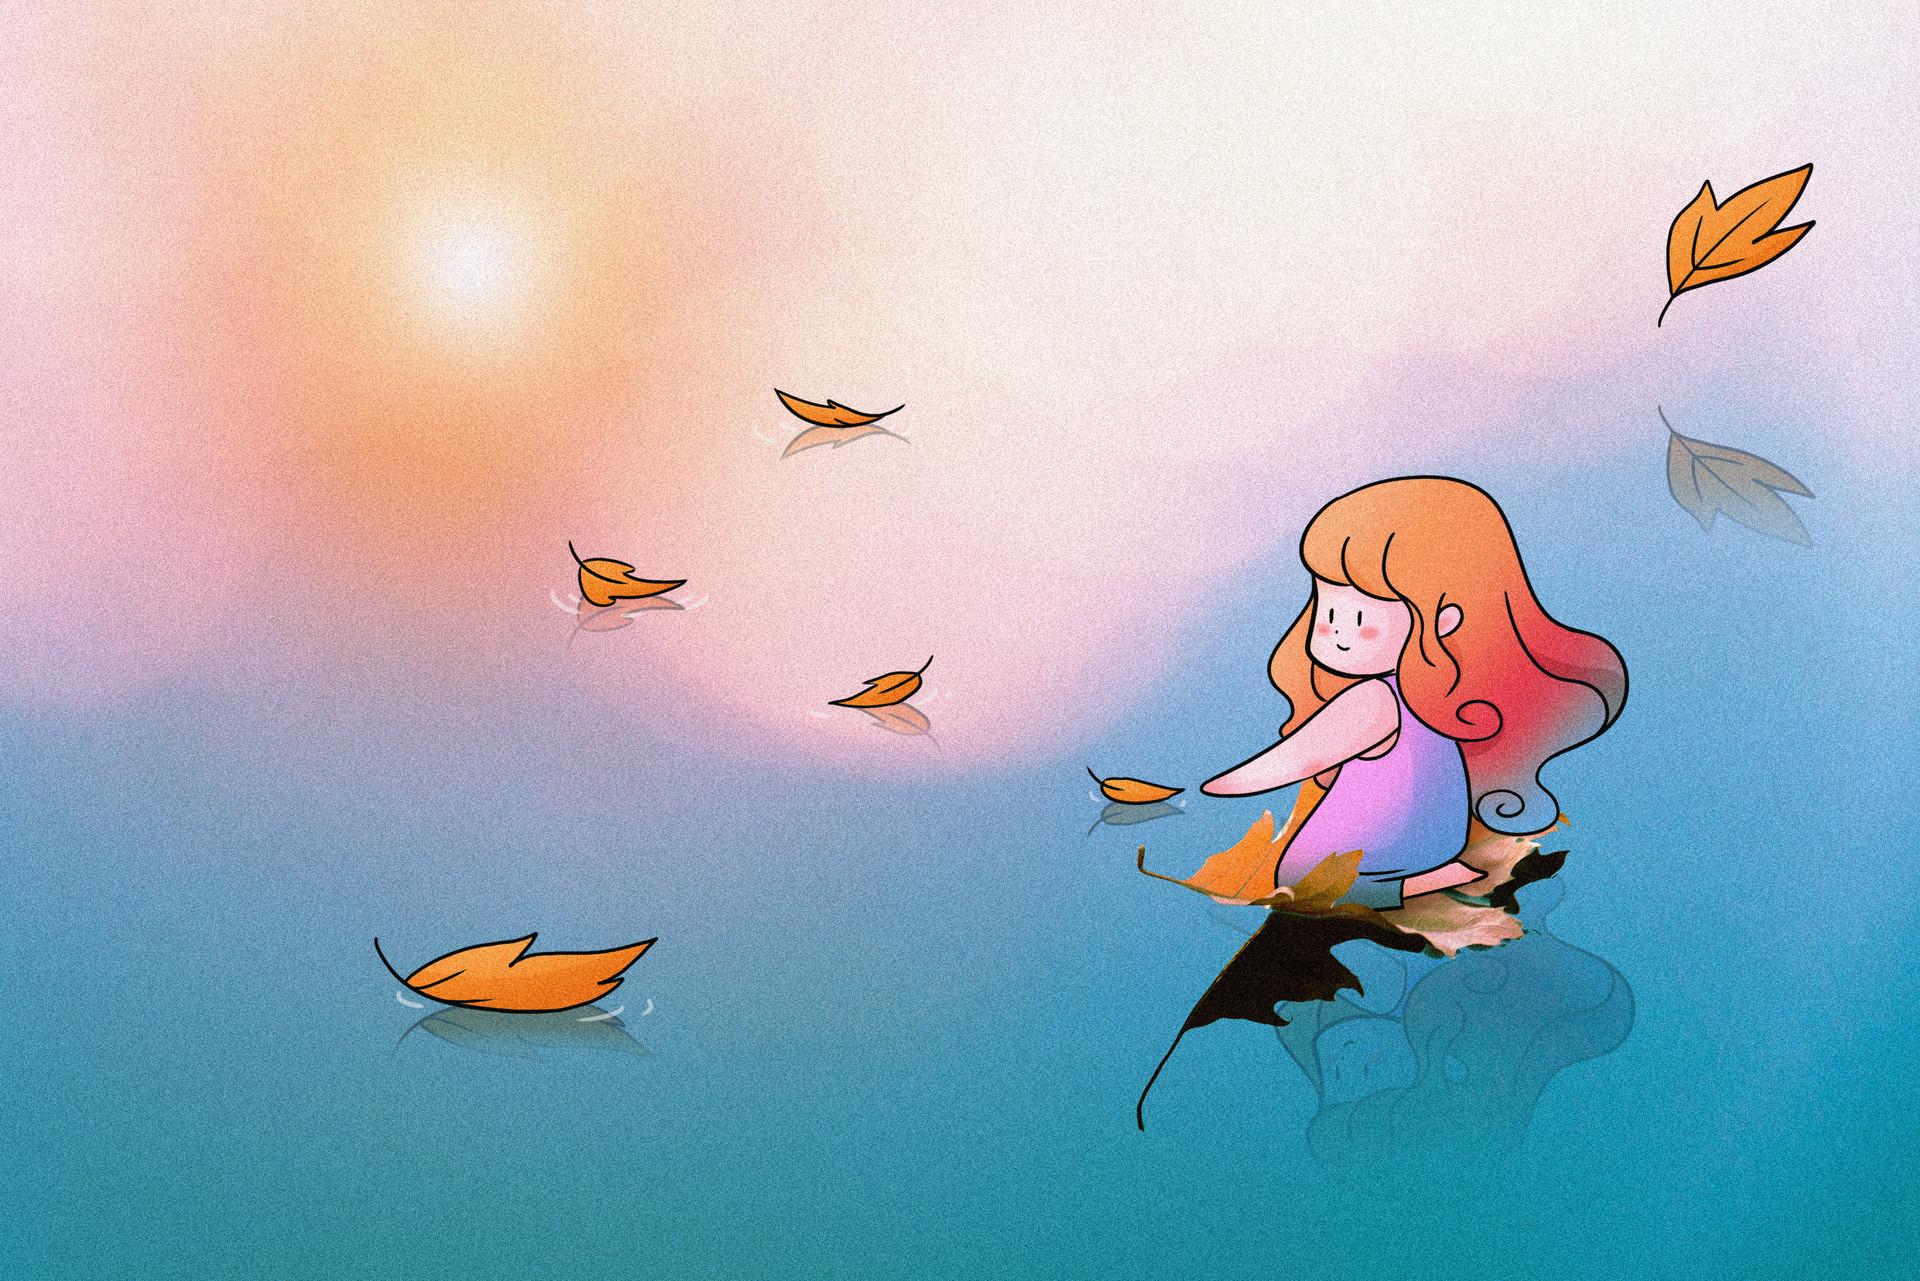 胎教故事280个必读:一片飞翔的叶子